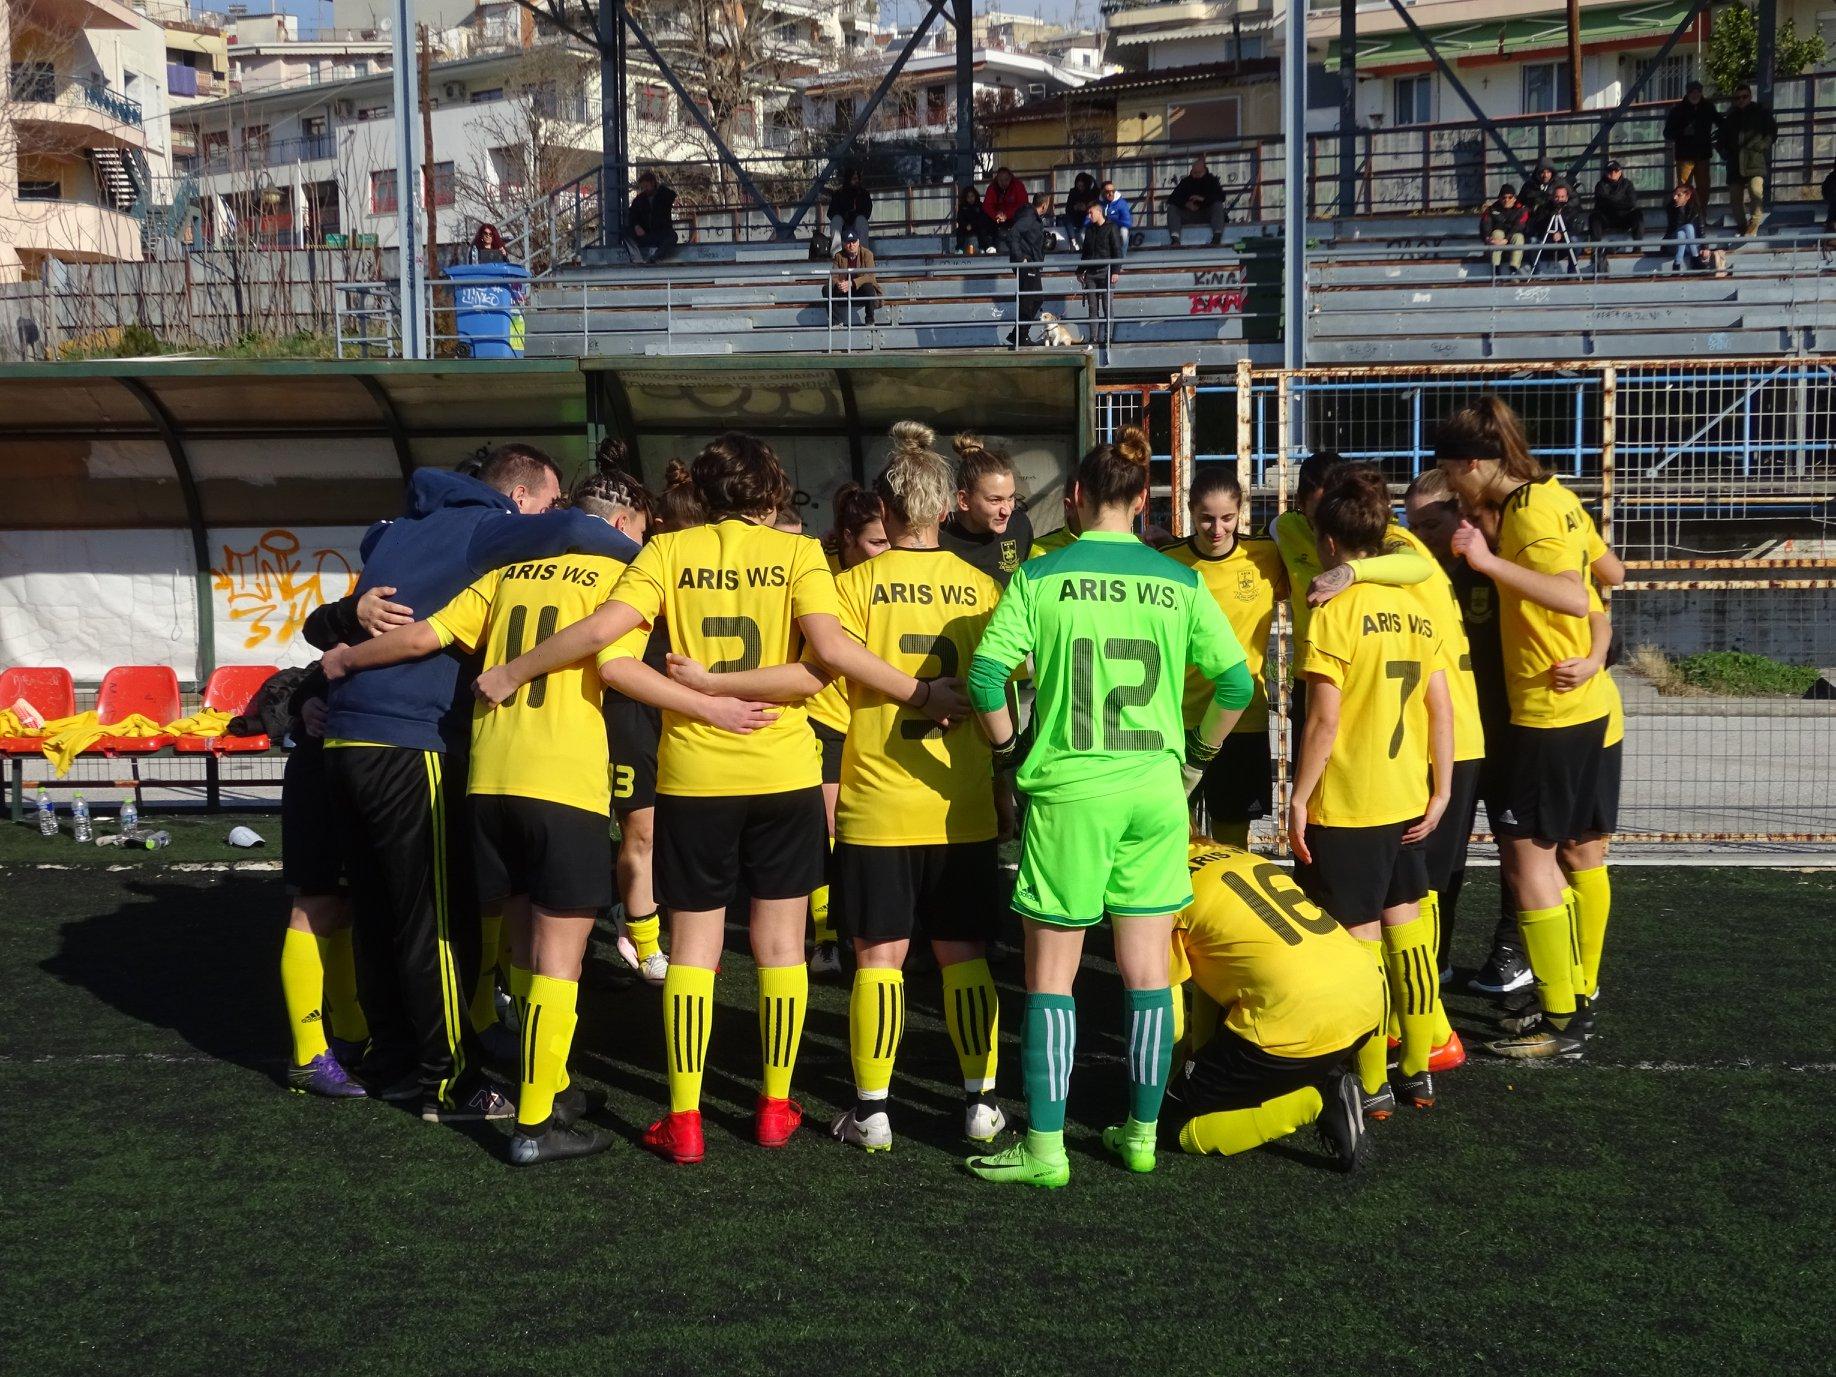 Ποδόσφαιρο Γυναικών: Δήλωση Ευάγγελου Βουτσά